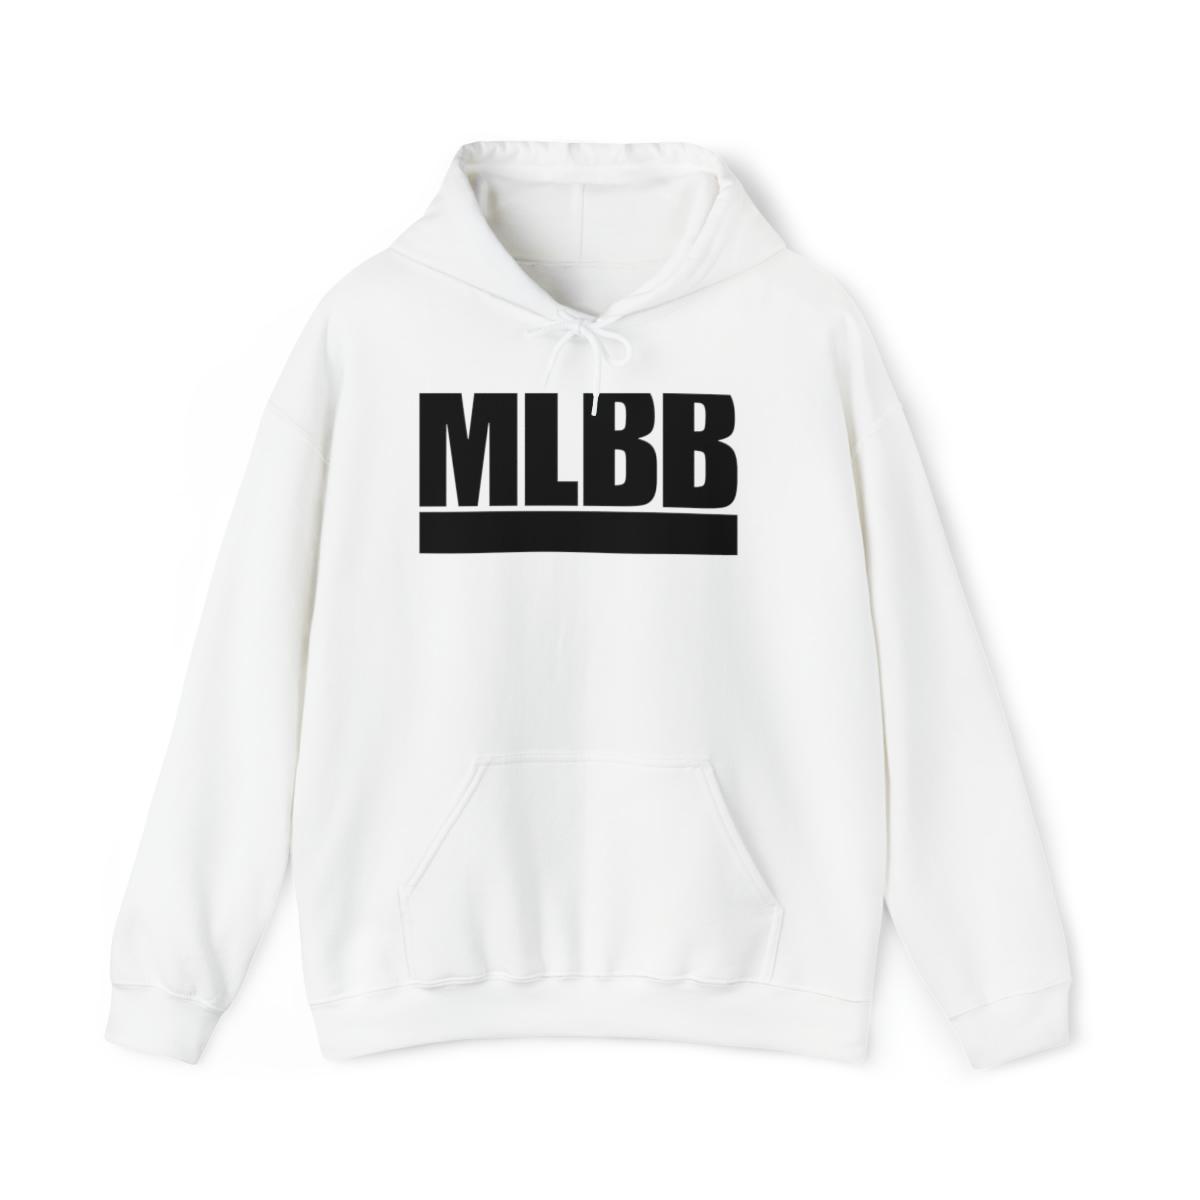 MLBB Hoodie